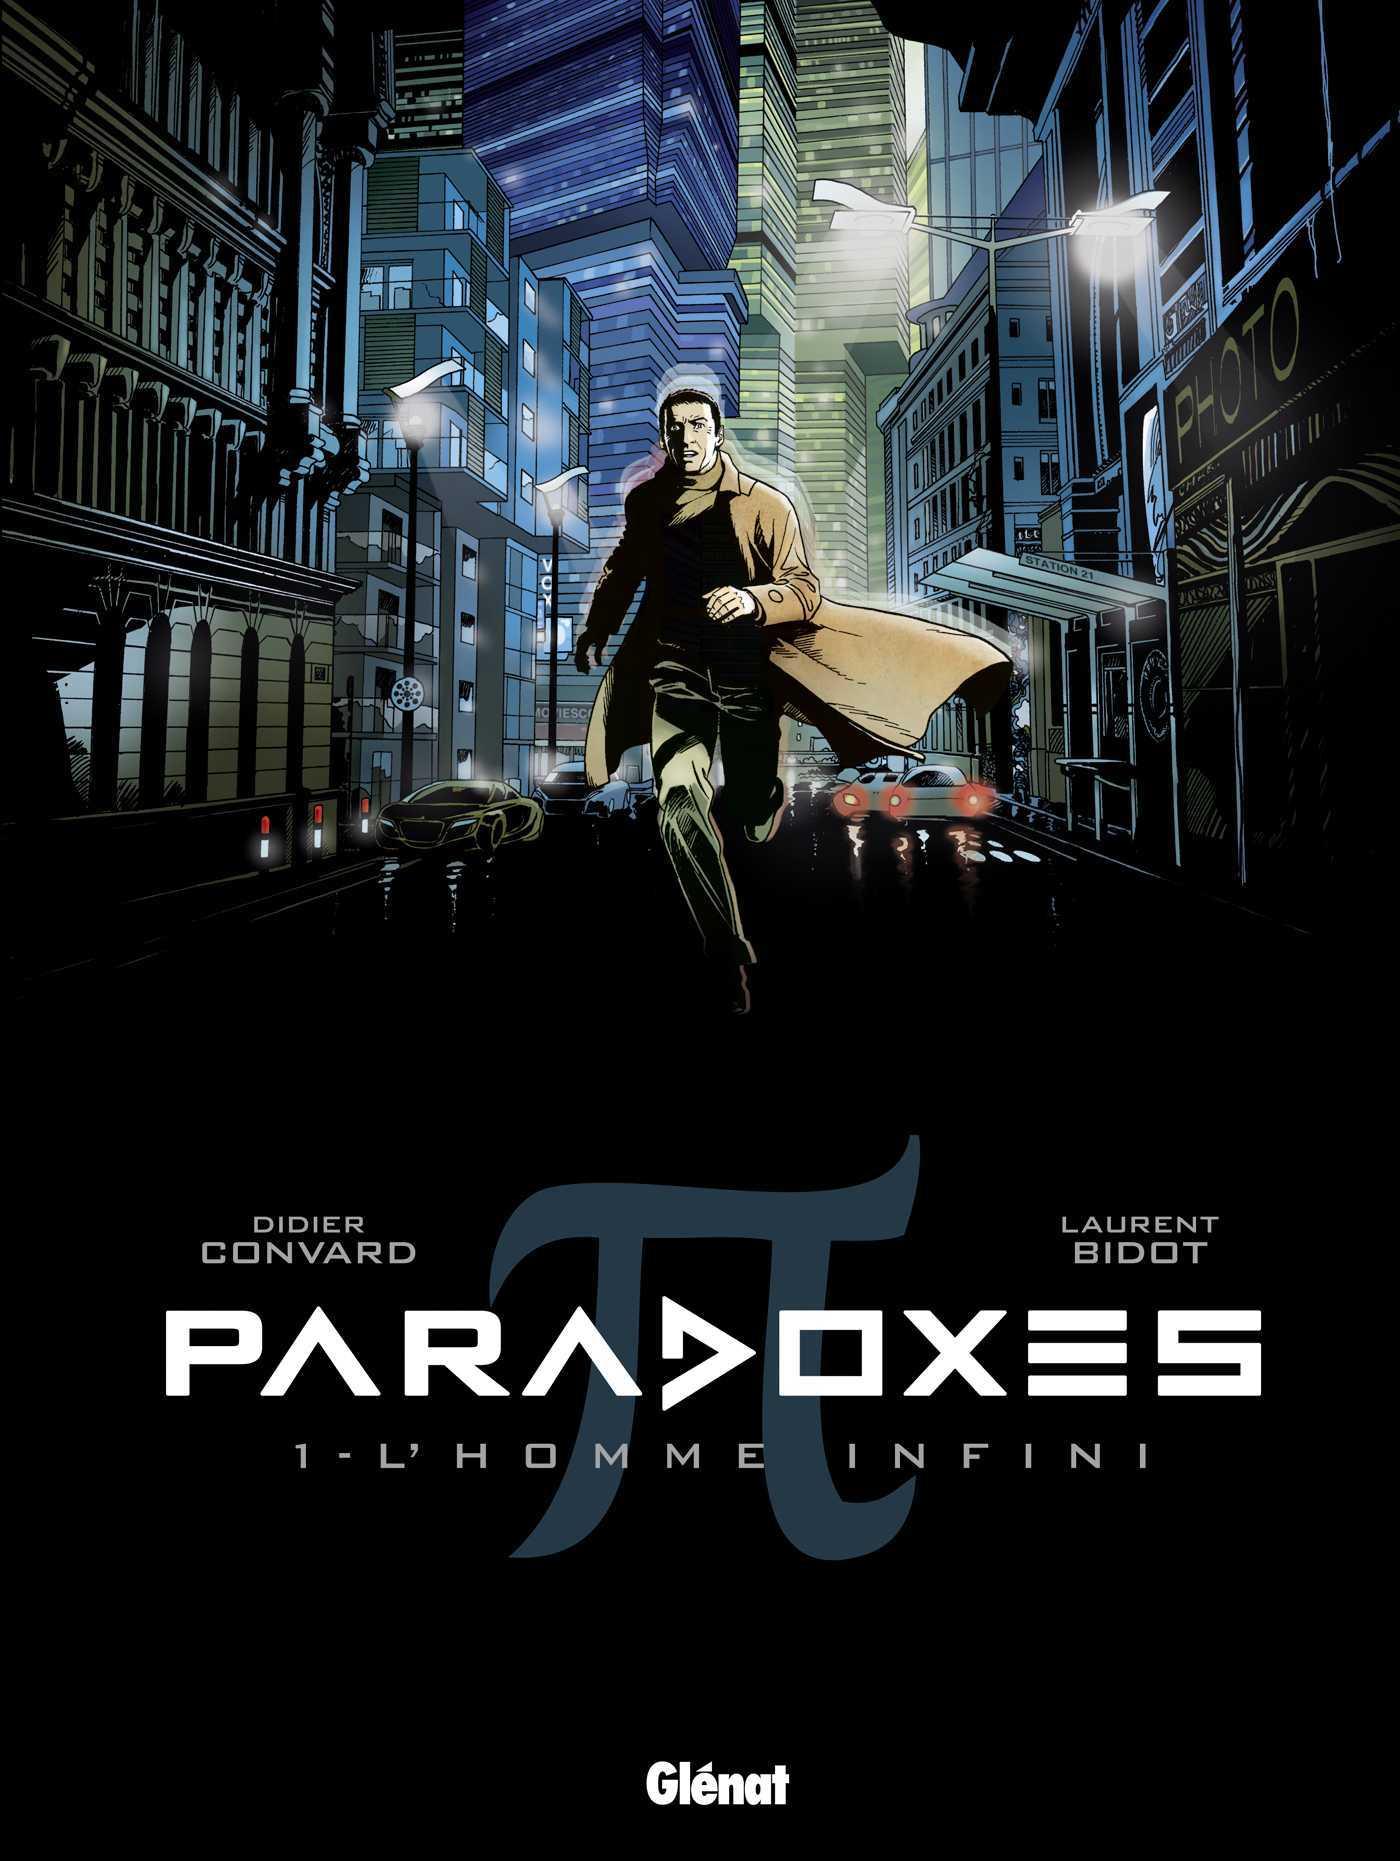 Paradoxes, Convard joue avec le temps